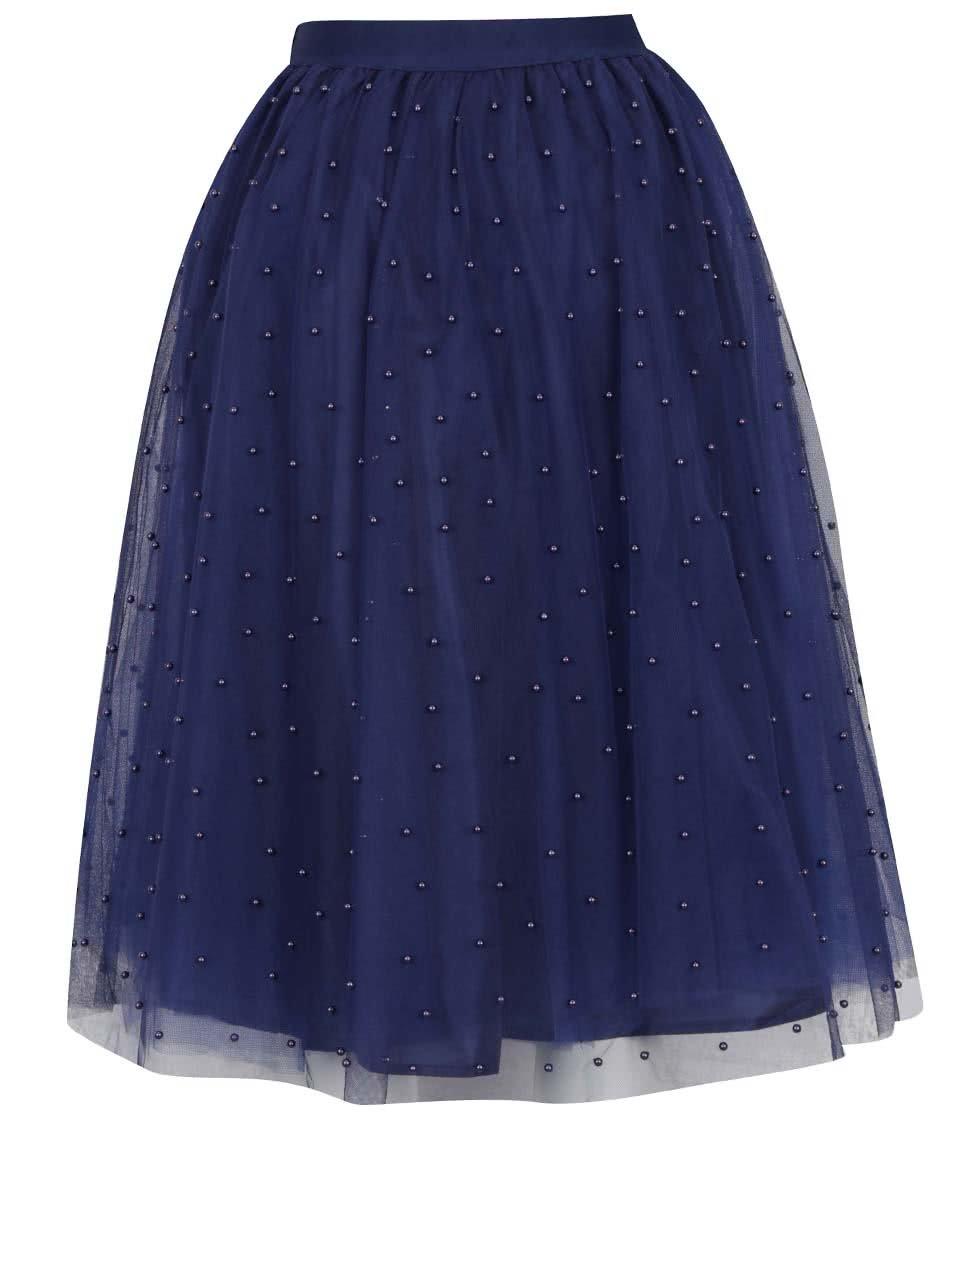 Tmavě modrá midi sukně s korálkovou aplikací Little Mistress ... a5a2dbfec9